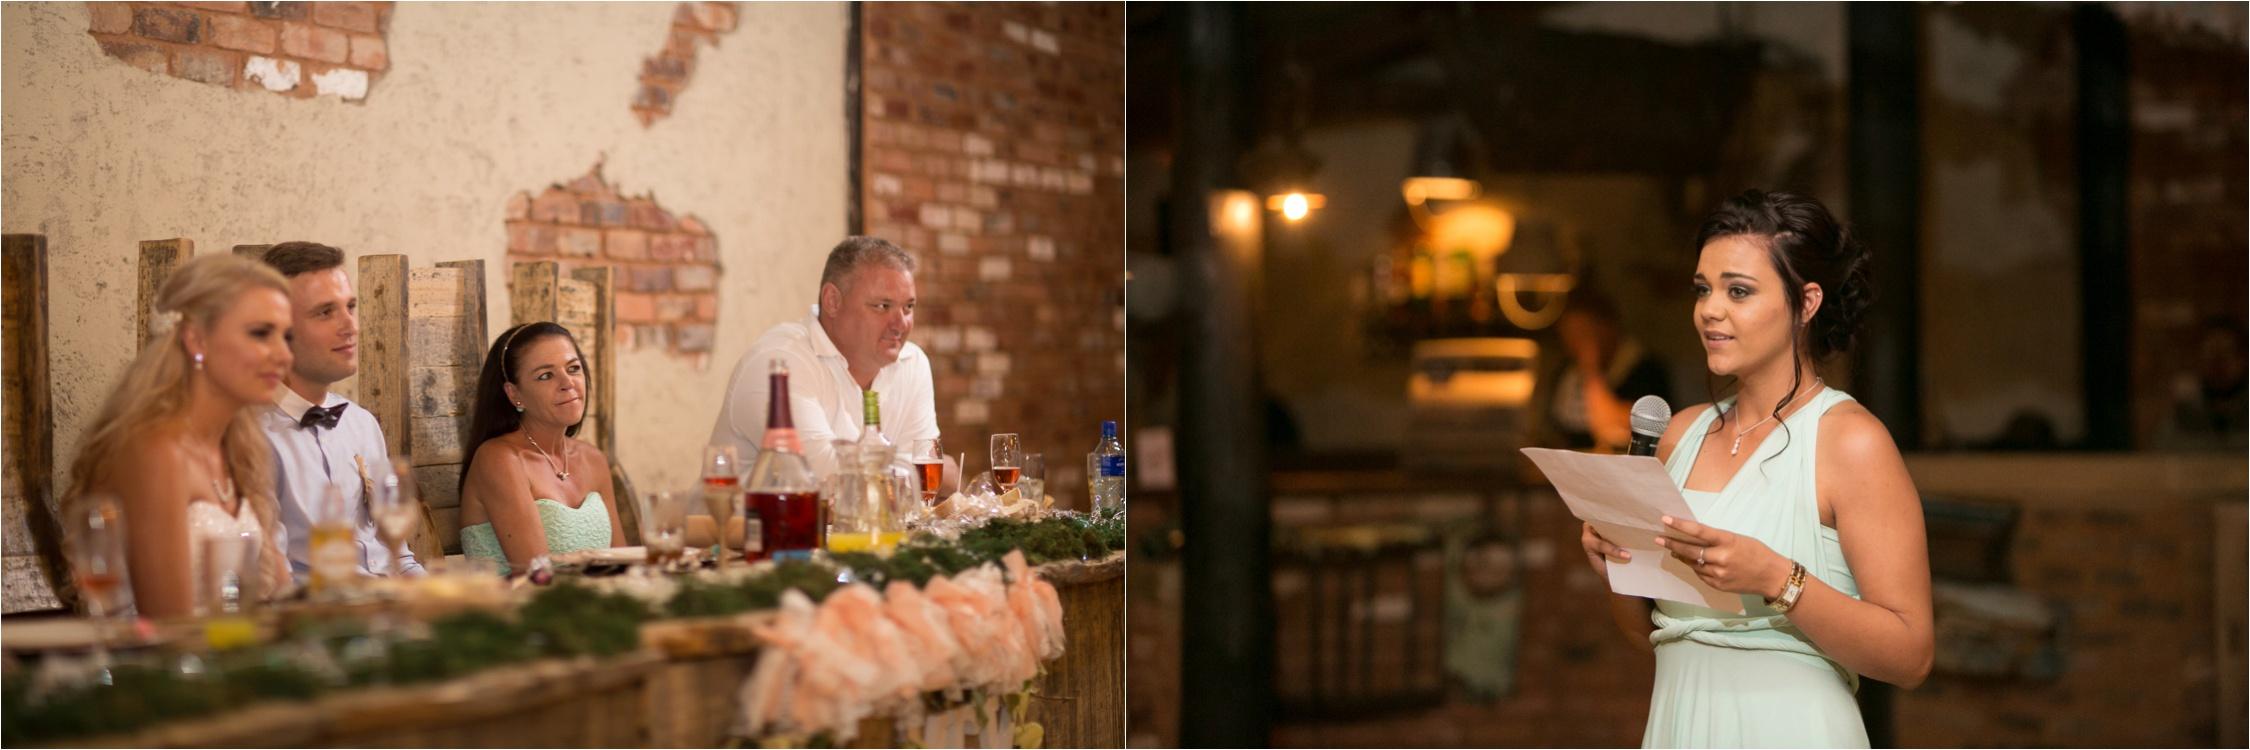 Die_Waenhuiskraal_wedding_Alicia_Dwayne_78